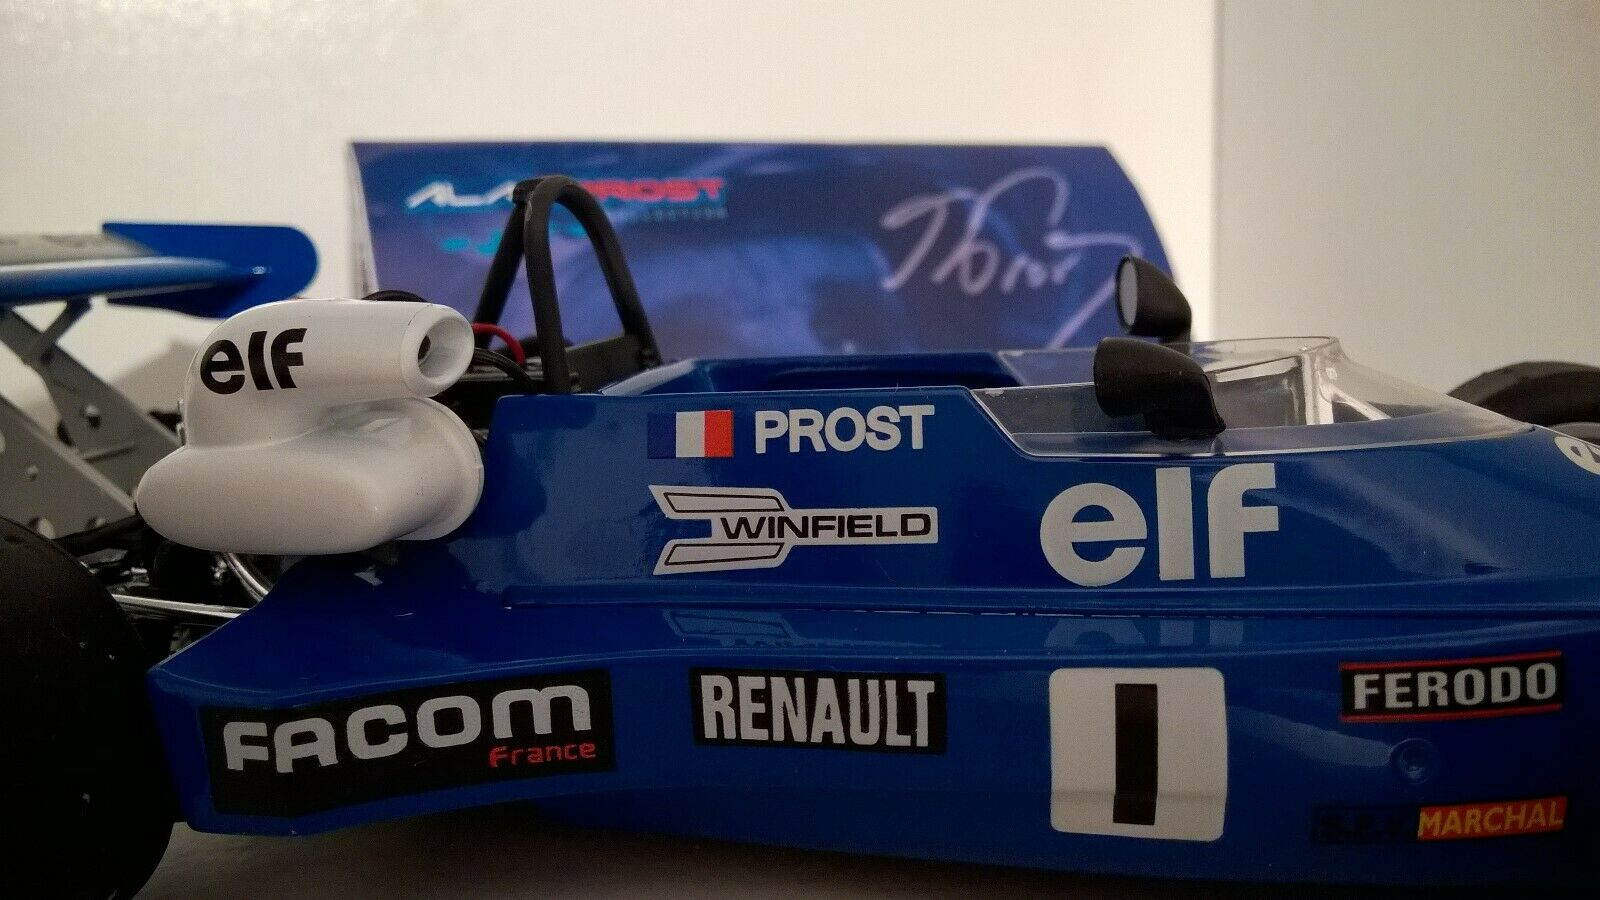 Alain Prost SOLIDO 1//43 G/én/érique Formule Renault MK 20 de 1977